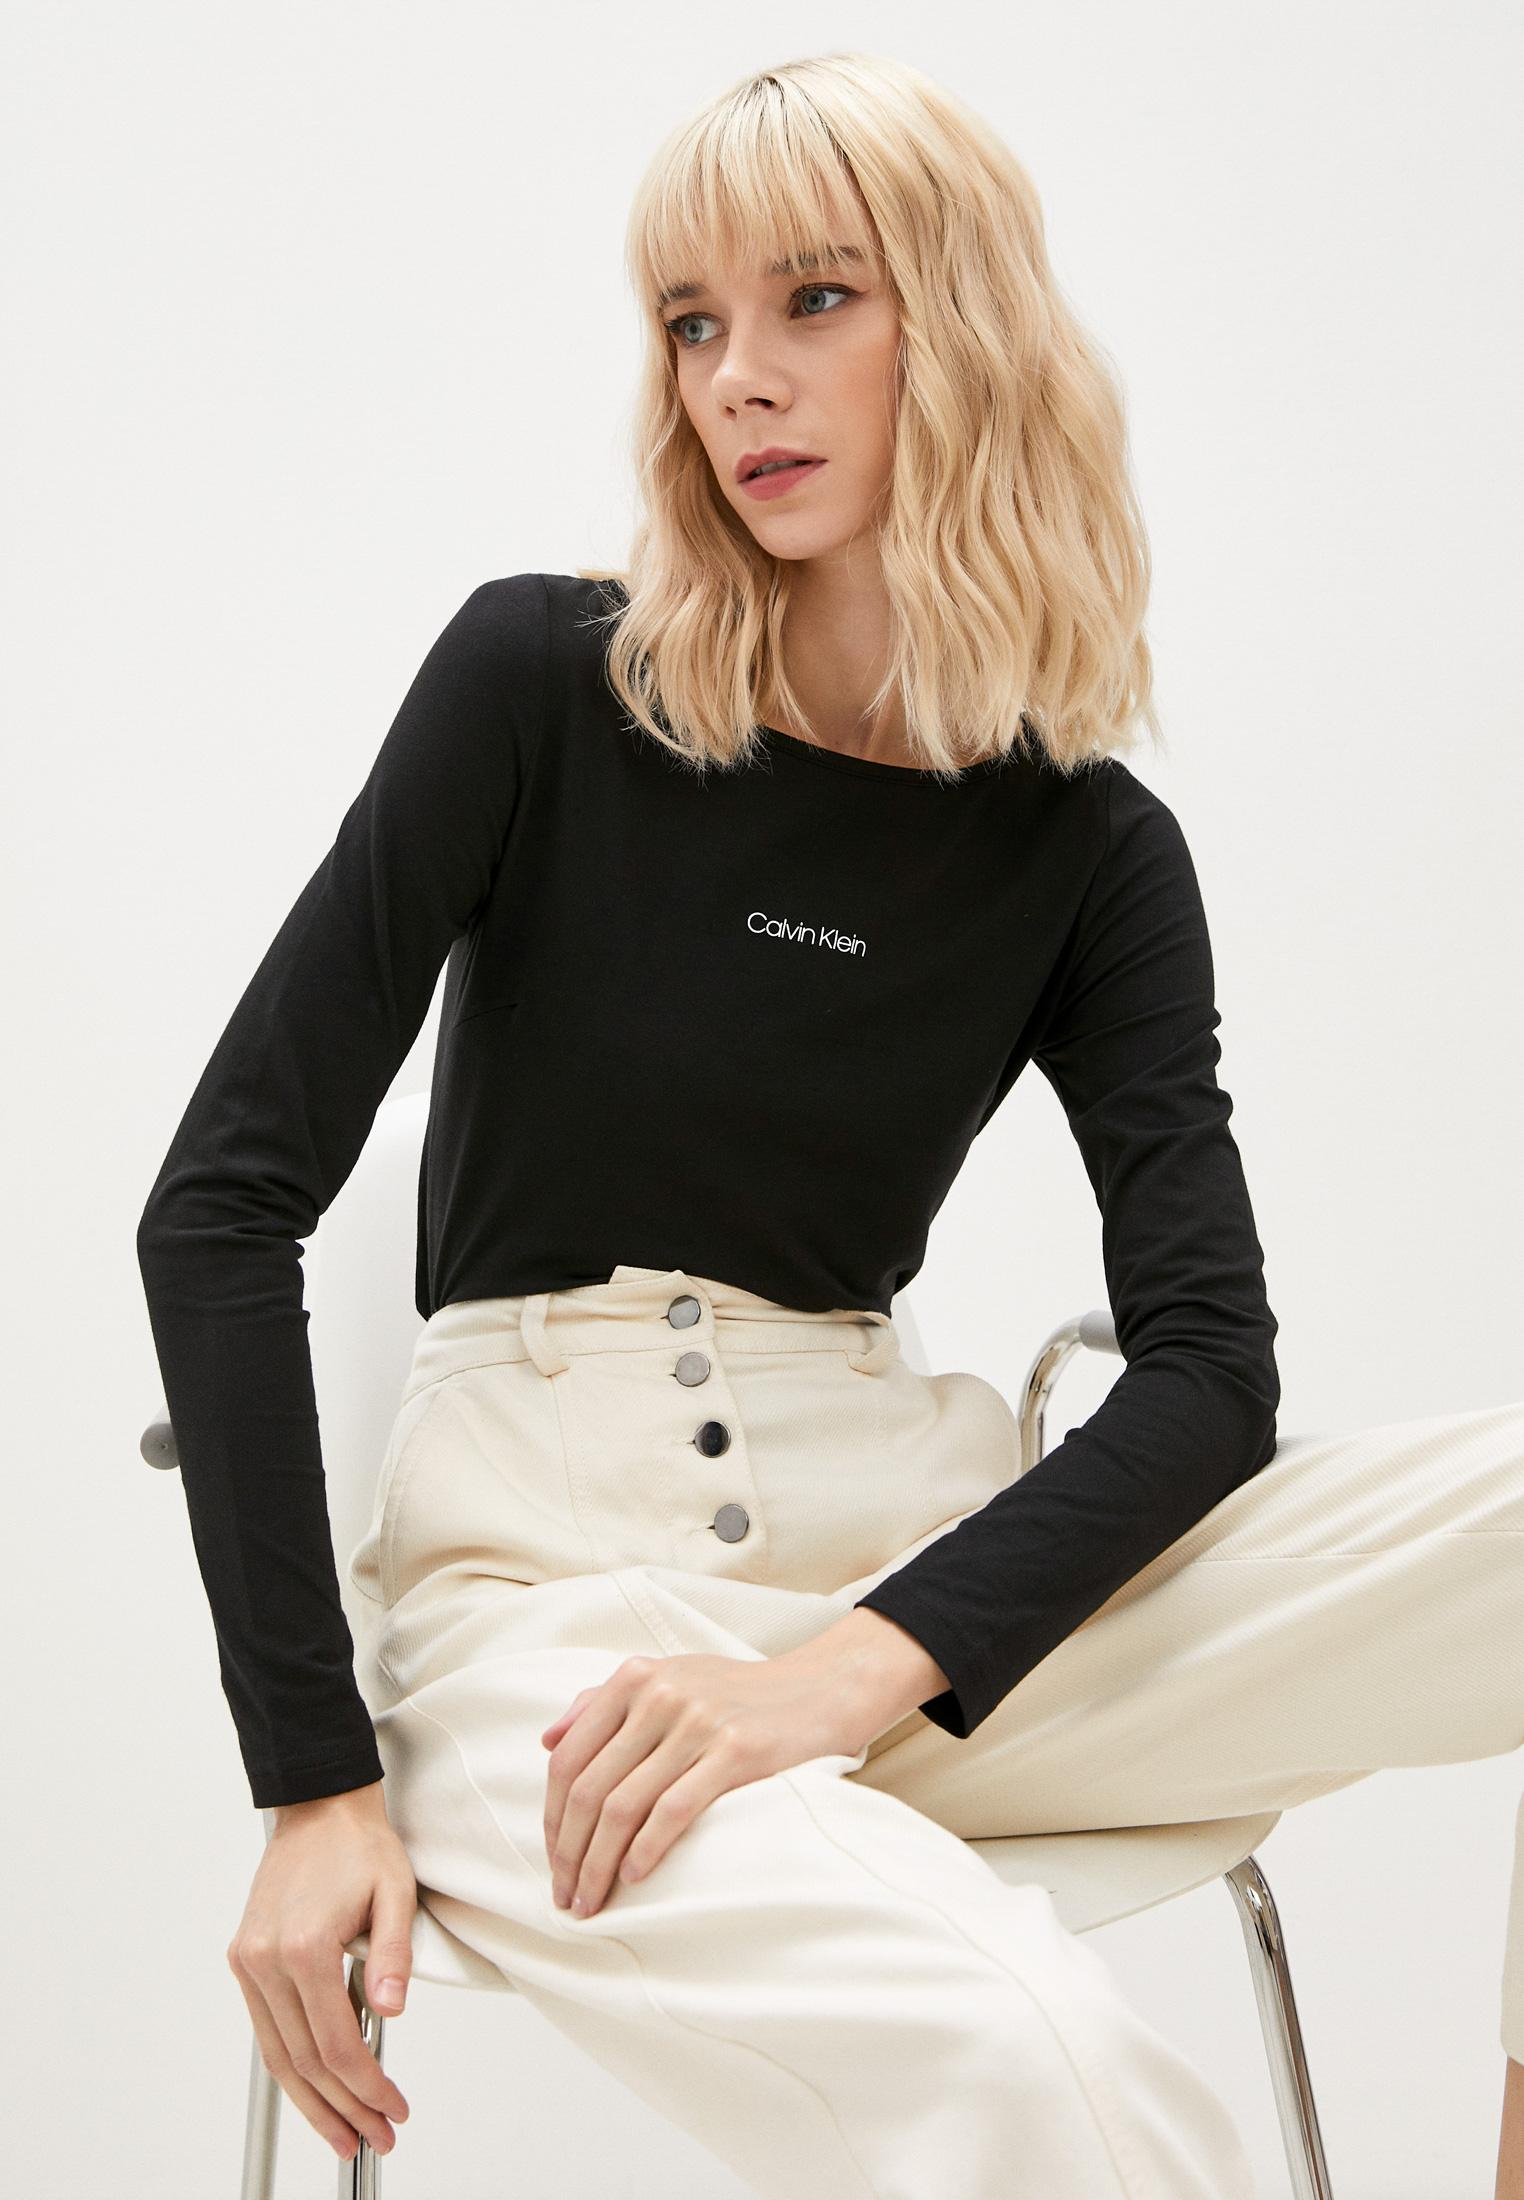 Женские боди Calvin Klein (Кельвин Кляйн) Боди Calvin Klein